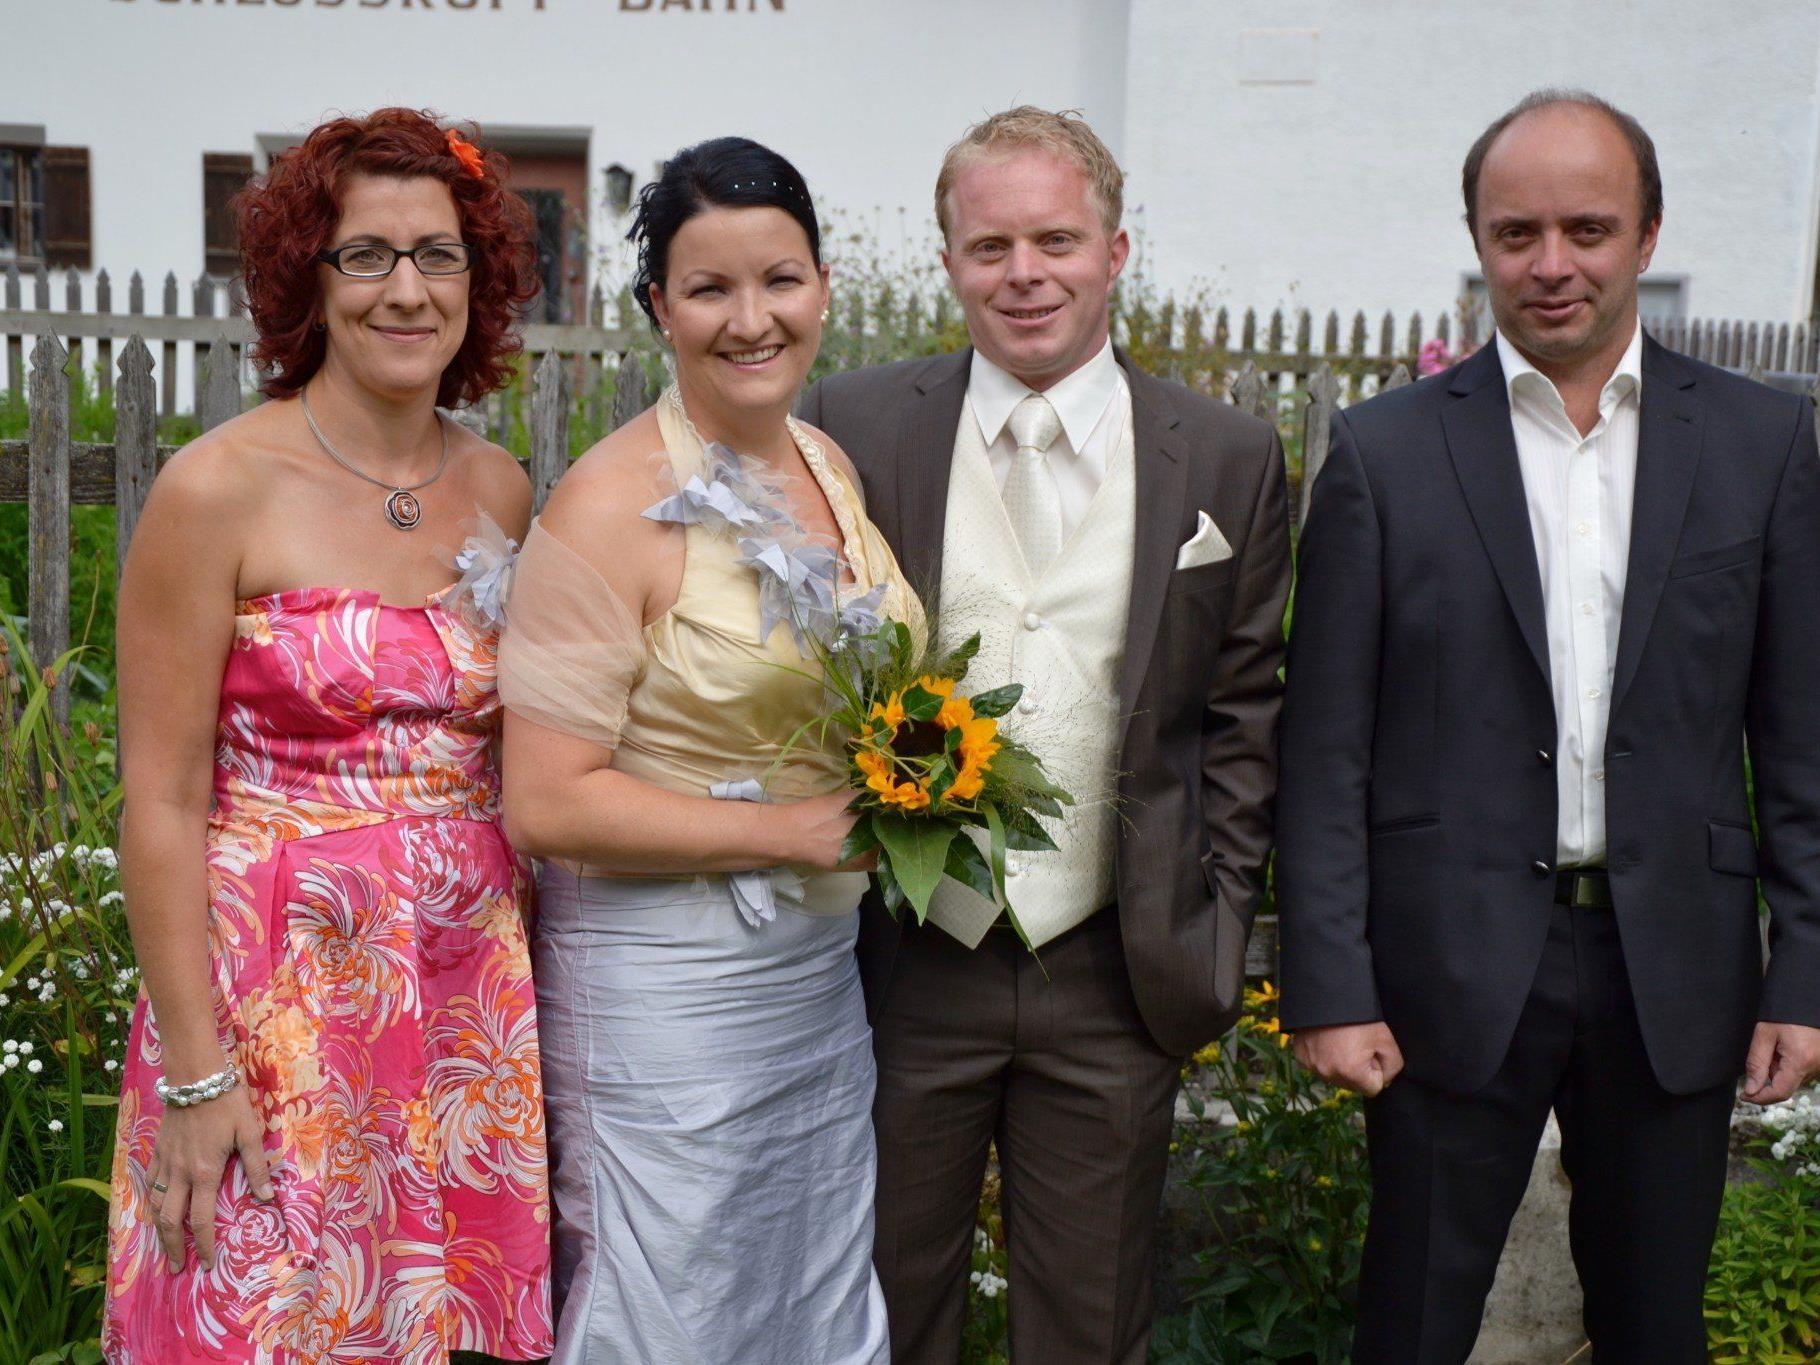 Am 23. August gaben sich Bianca Zudrell und Michael Fritz aus Dalaas das Ja-Wort in Lech.